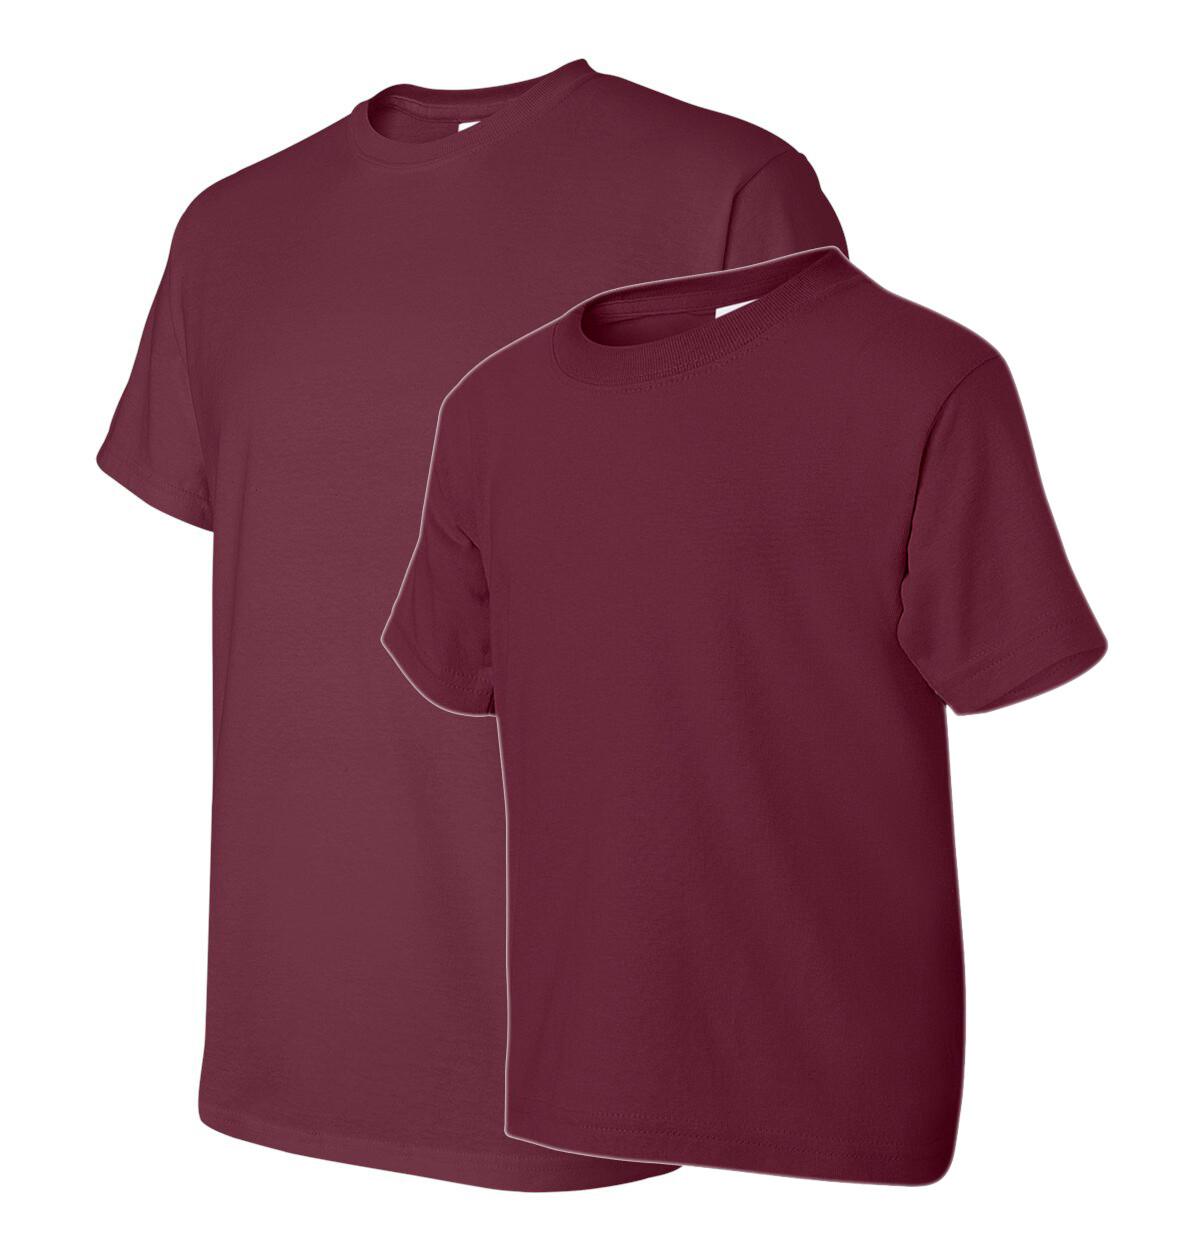 St. James Saints 50/50 T-Shirt - Adult / Youth